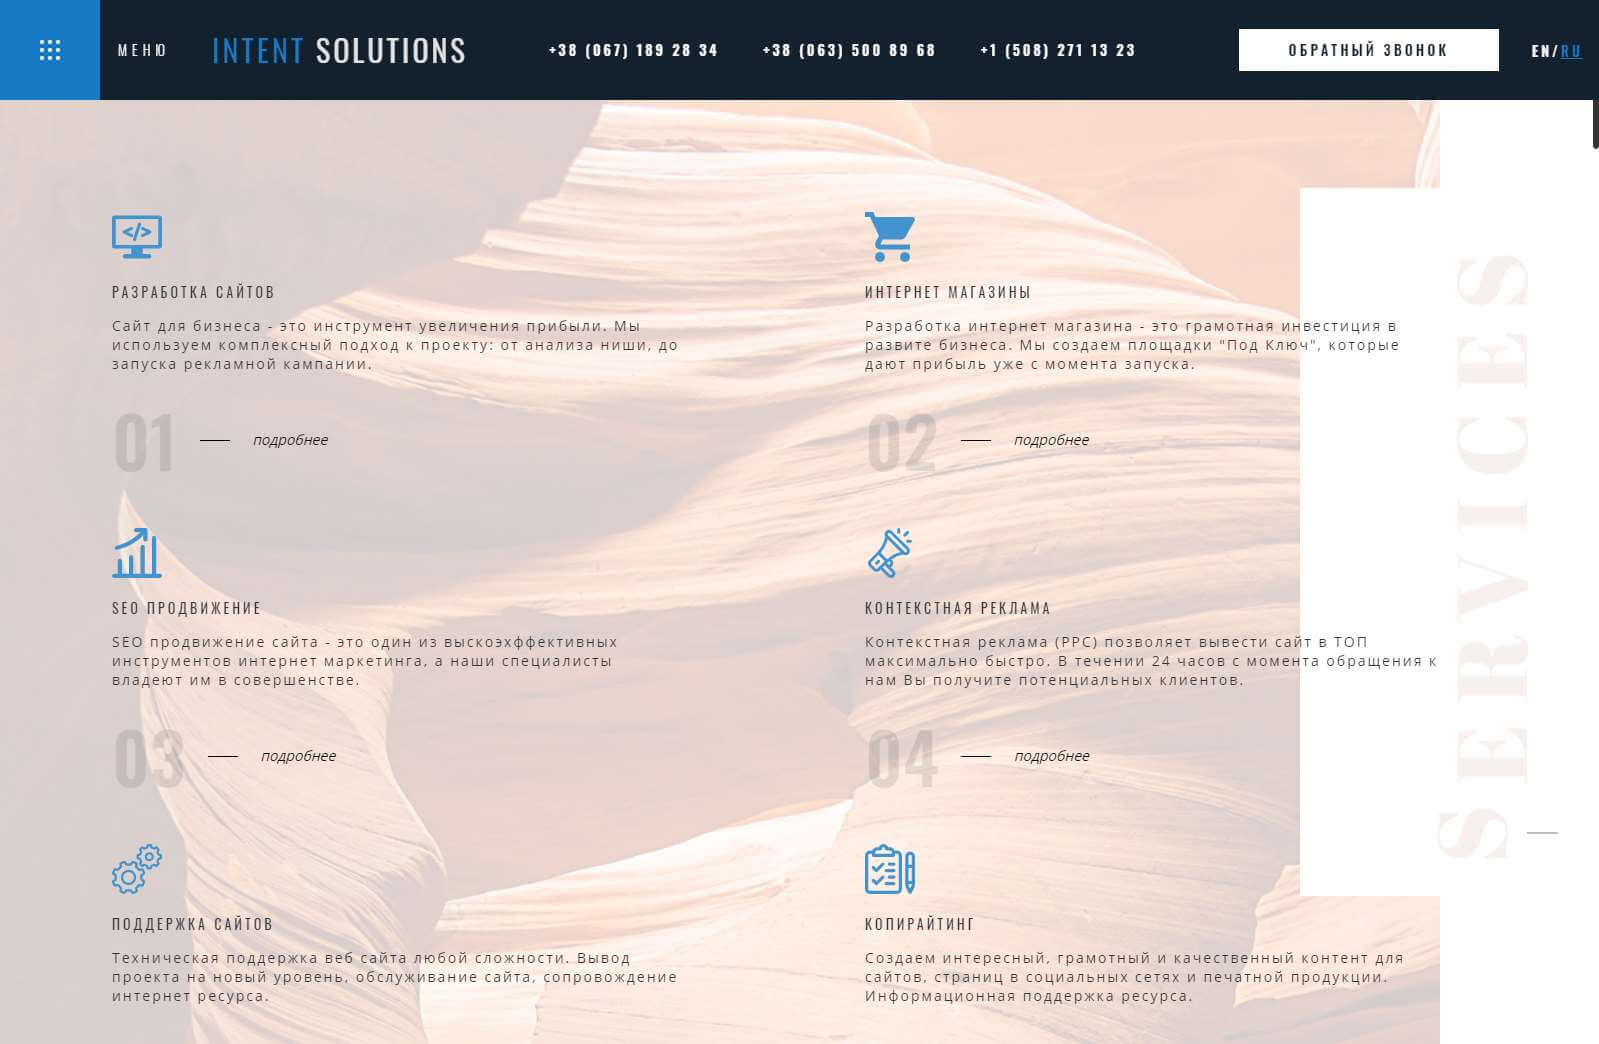 INTENT SOLUTIONS - обзор компании, услуги, отзывы, клиенты, Фото № 2 - google-seo.pro